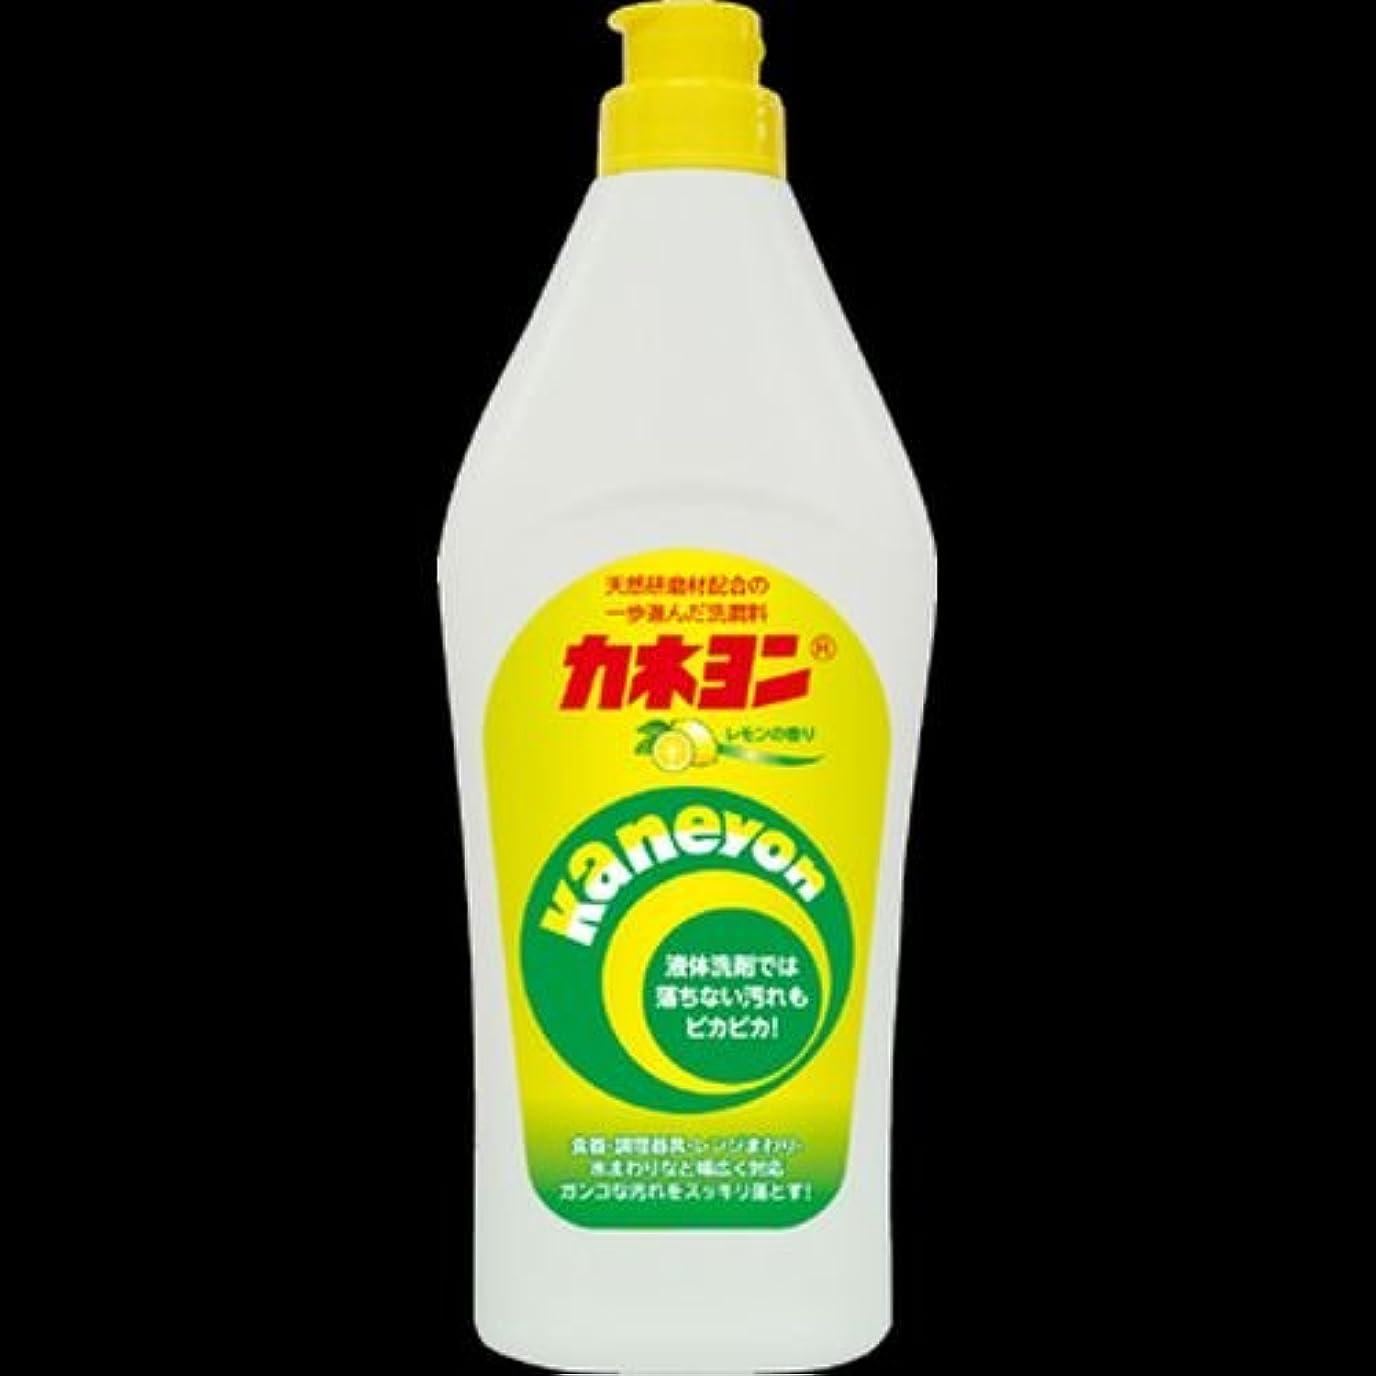 クラブ線パーク【まとめ買い】カネヨ石鹸 カネヨンレモン 550g ×2セット